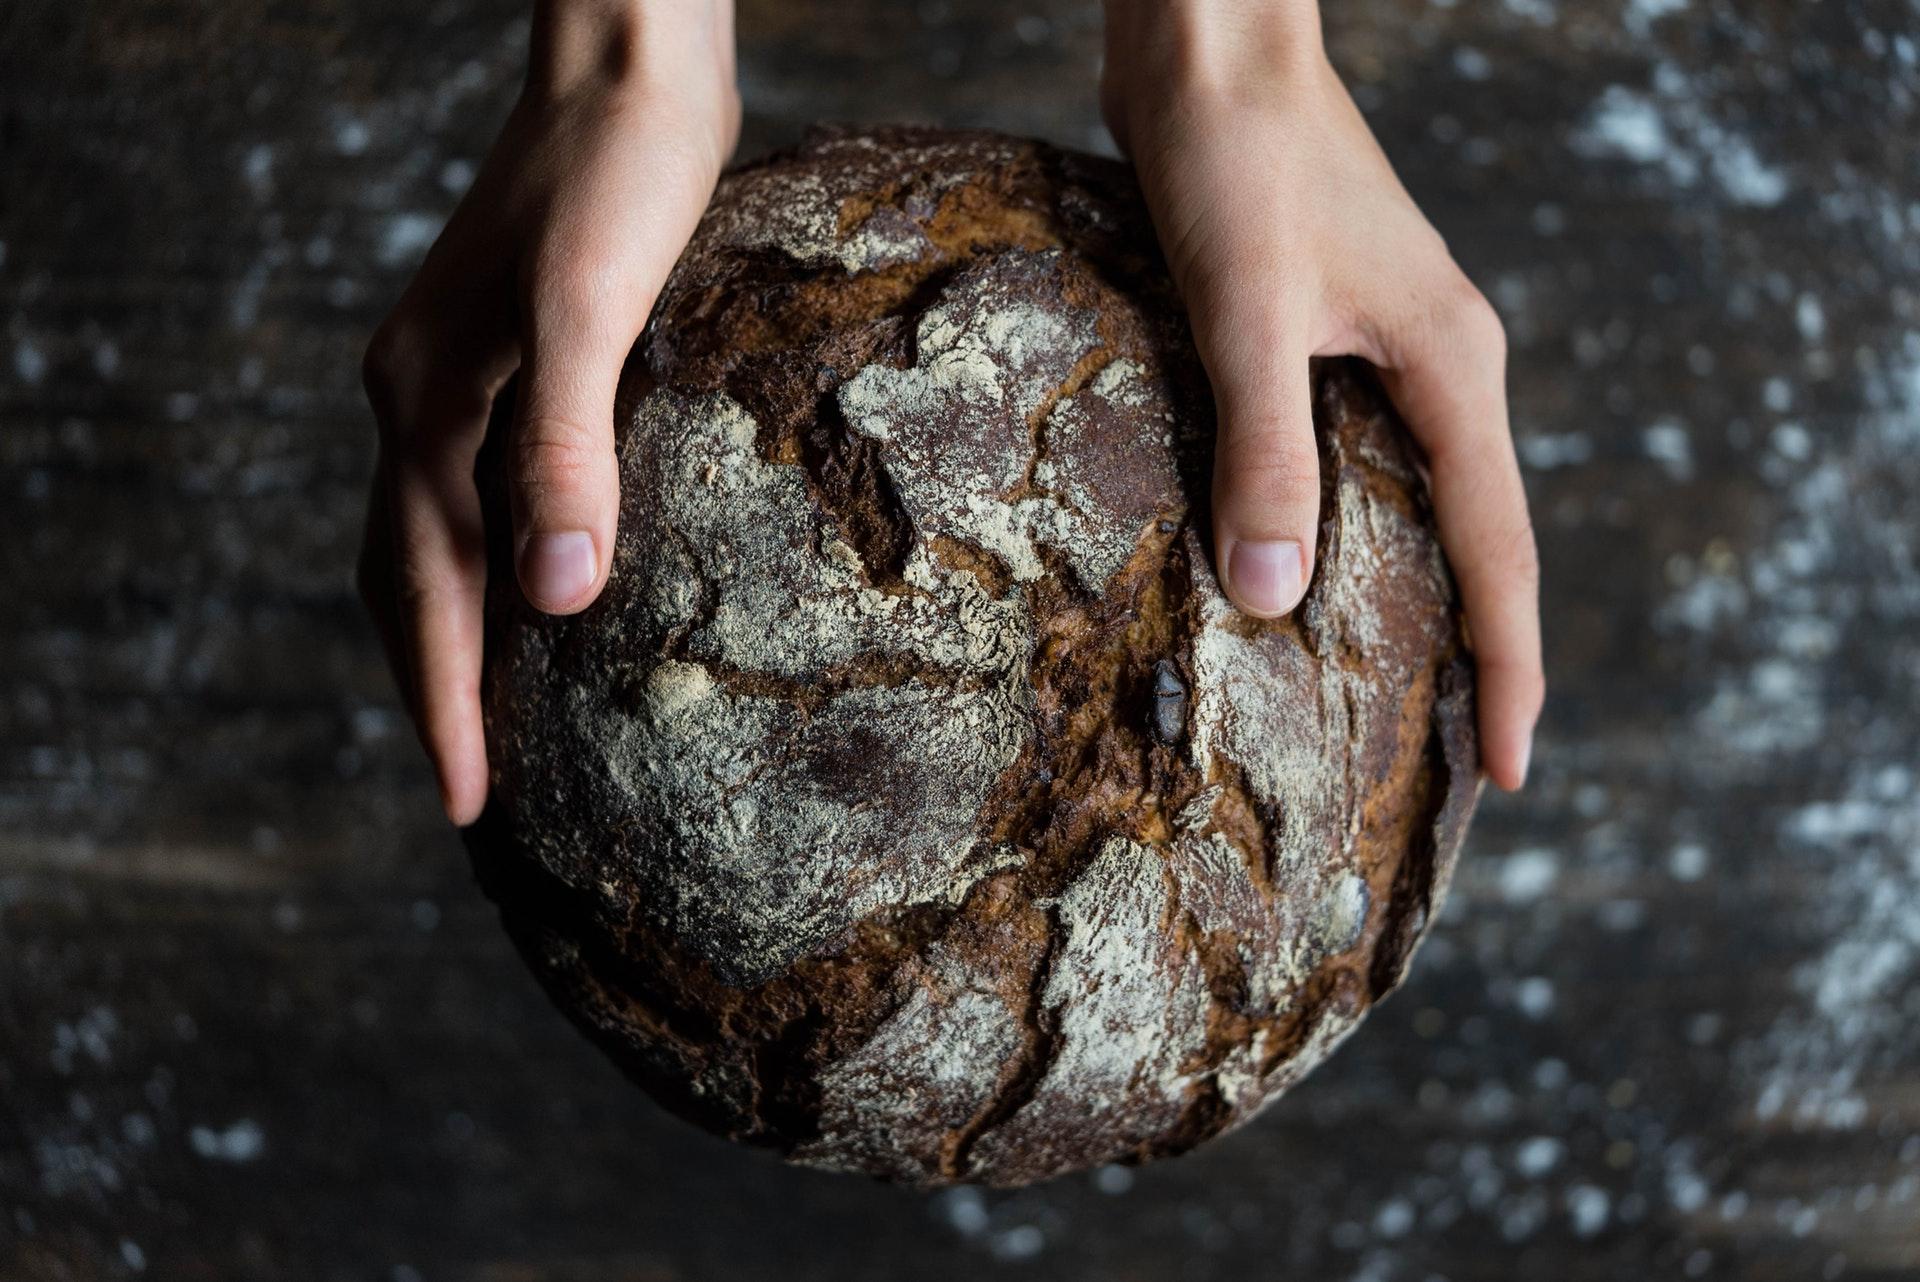 baka bröd i vedspis